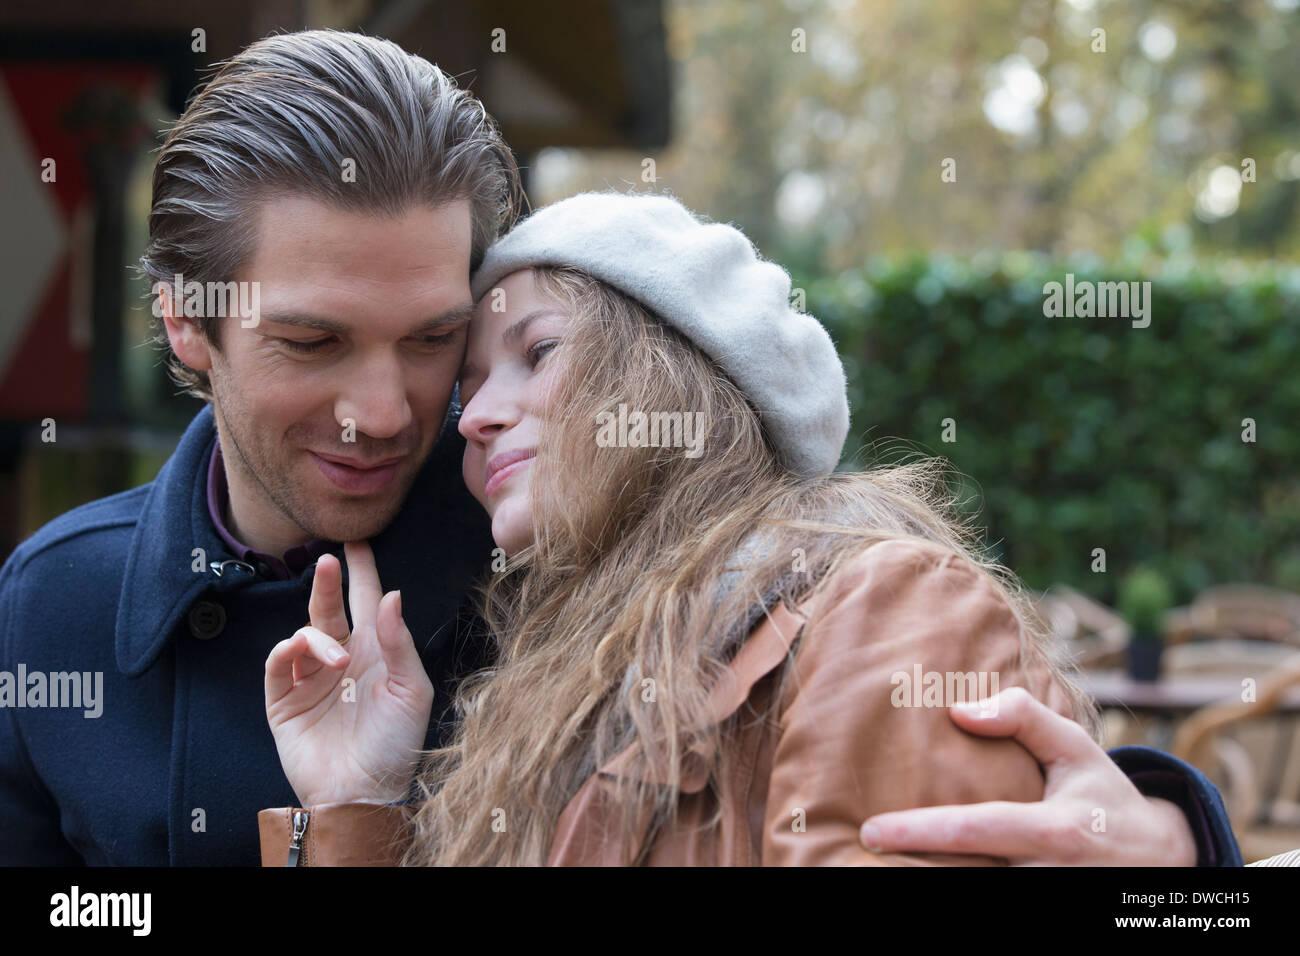 Paar, umarmen, Arm um Stockbild